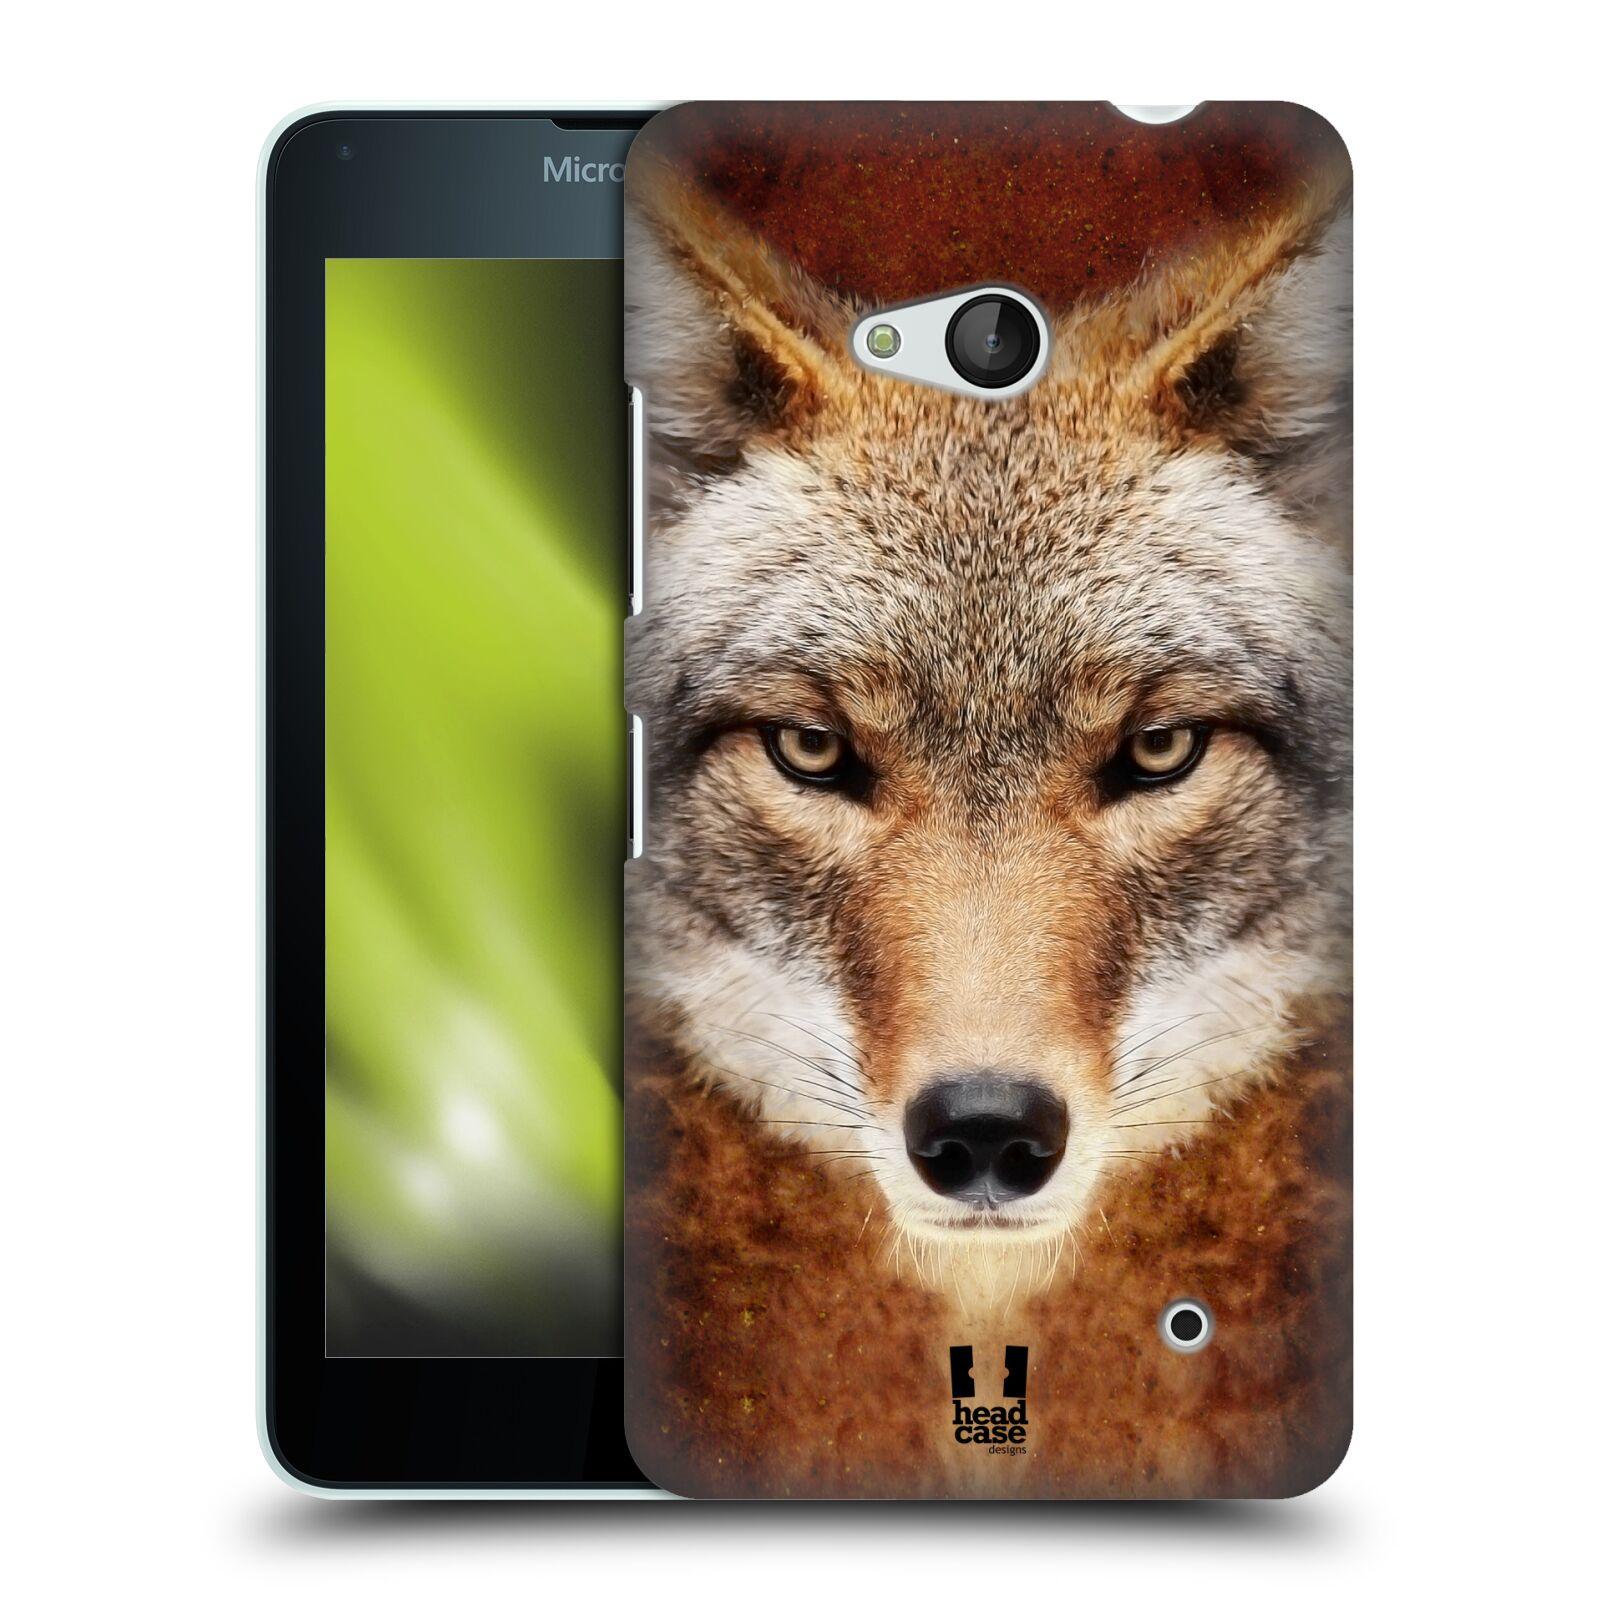 HEAD CASE plastový obal na mobil Nokia Lumia 640 vzor Zvířecí tváře kojot